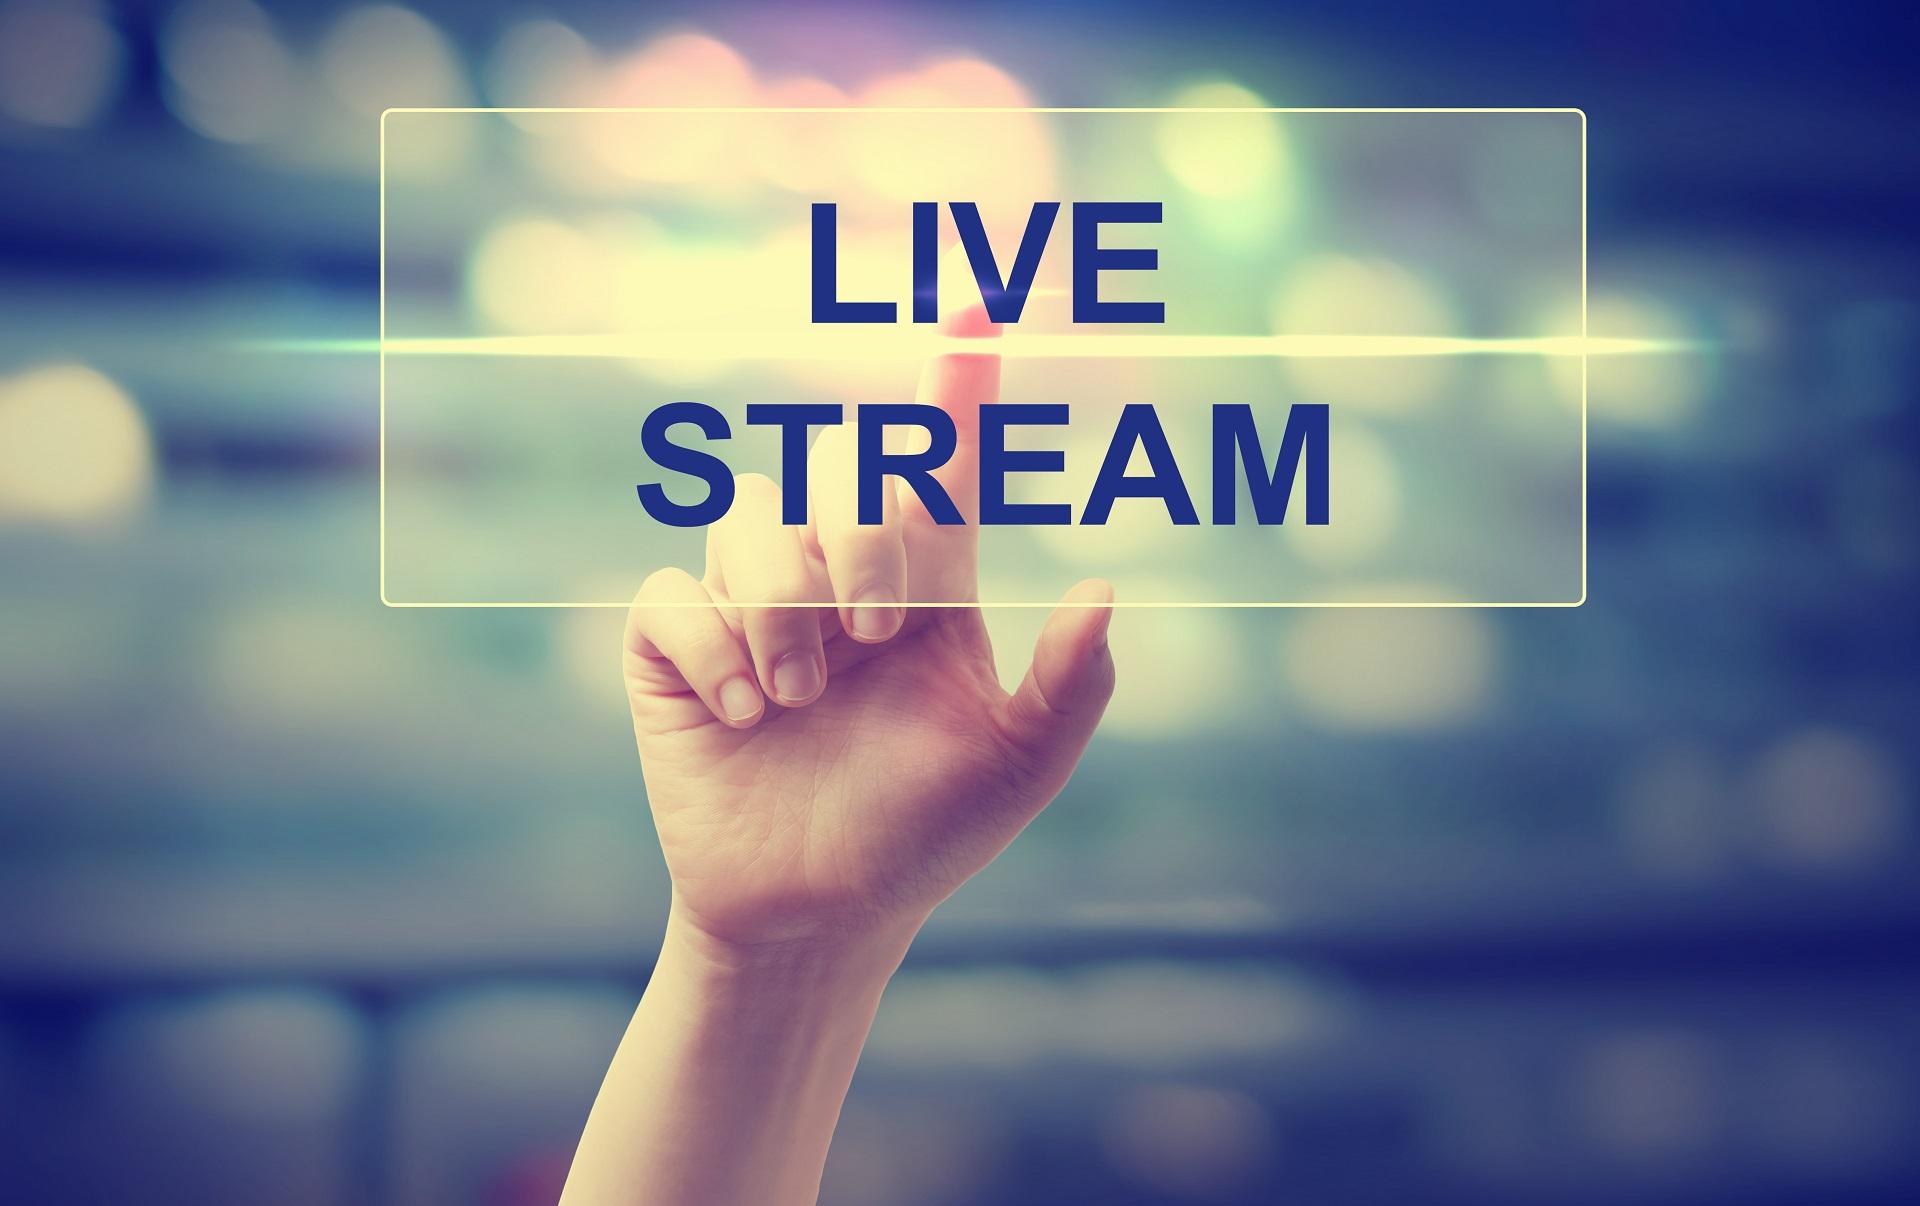 Hé lộ cách live stream trên Facebook hiệu quả cho doanh nghiệp